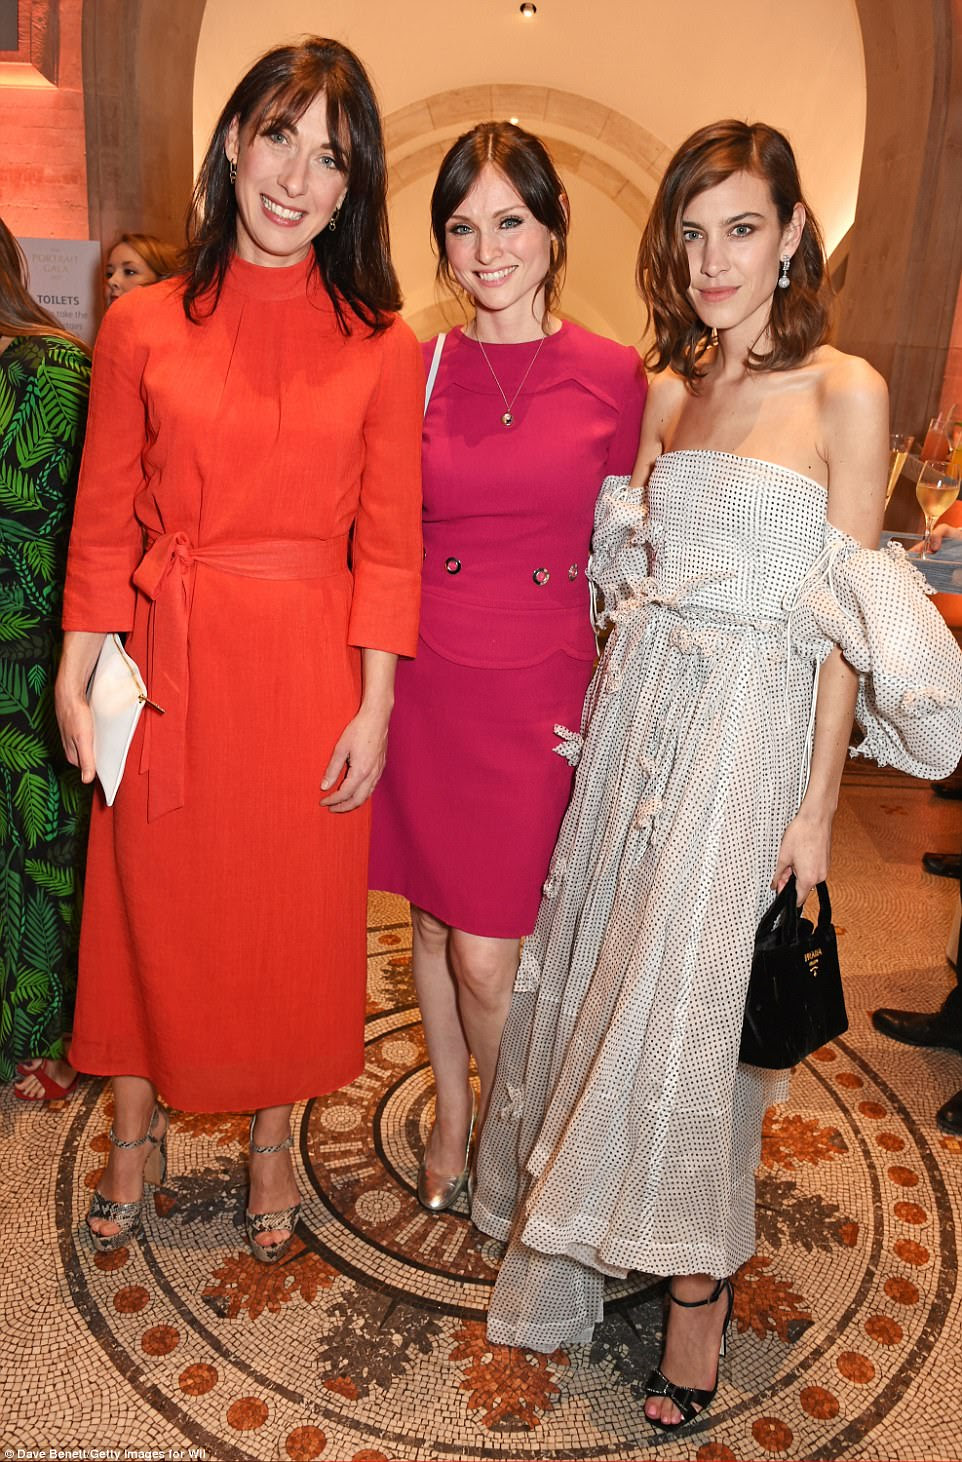 Samantha Cameron, fotografada com Sophie Ellis Bextor e Alexa Chung, promoveu sua gama de Cefinn vestindo seu próprio £ 270 papoula-vermelho, funil pescoço midi vestido